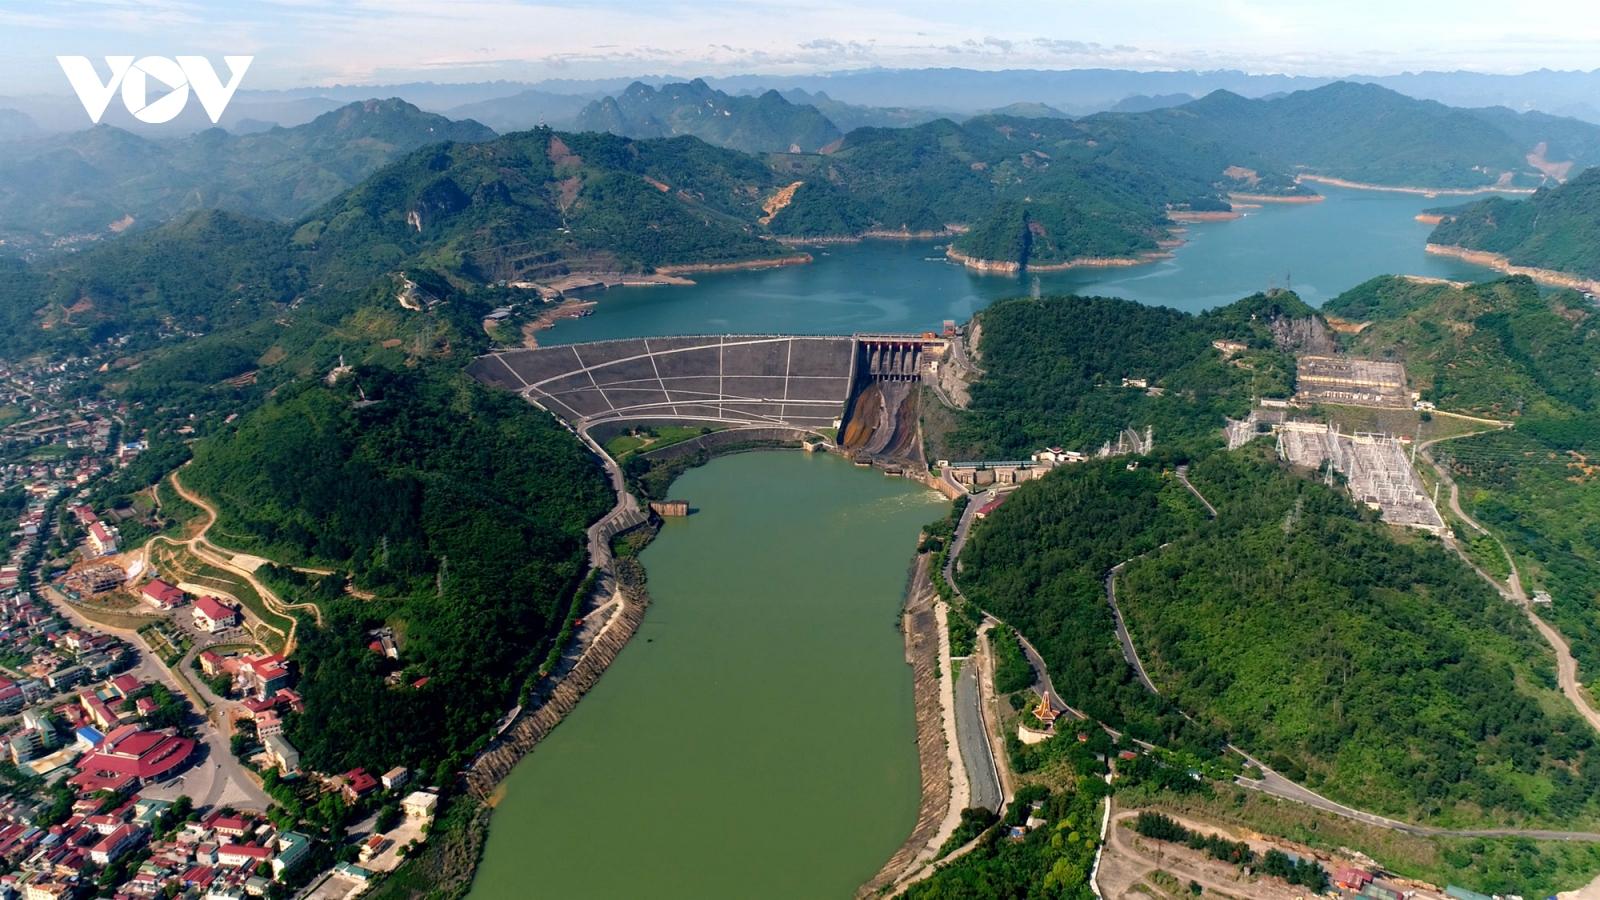 Chính sách và nguồn vốn làm khó quá trình chuyển dịch năng lượng